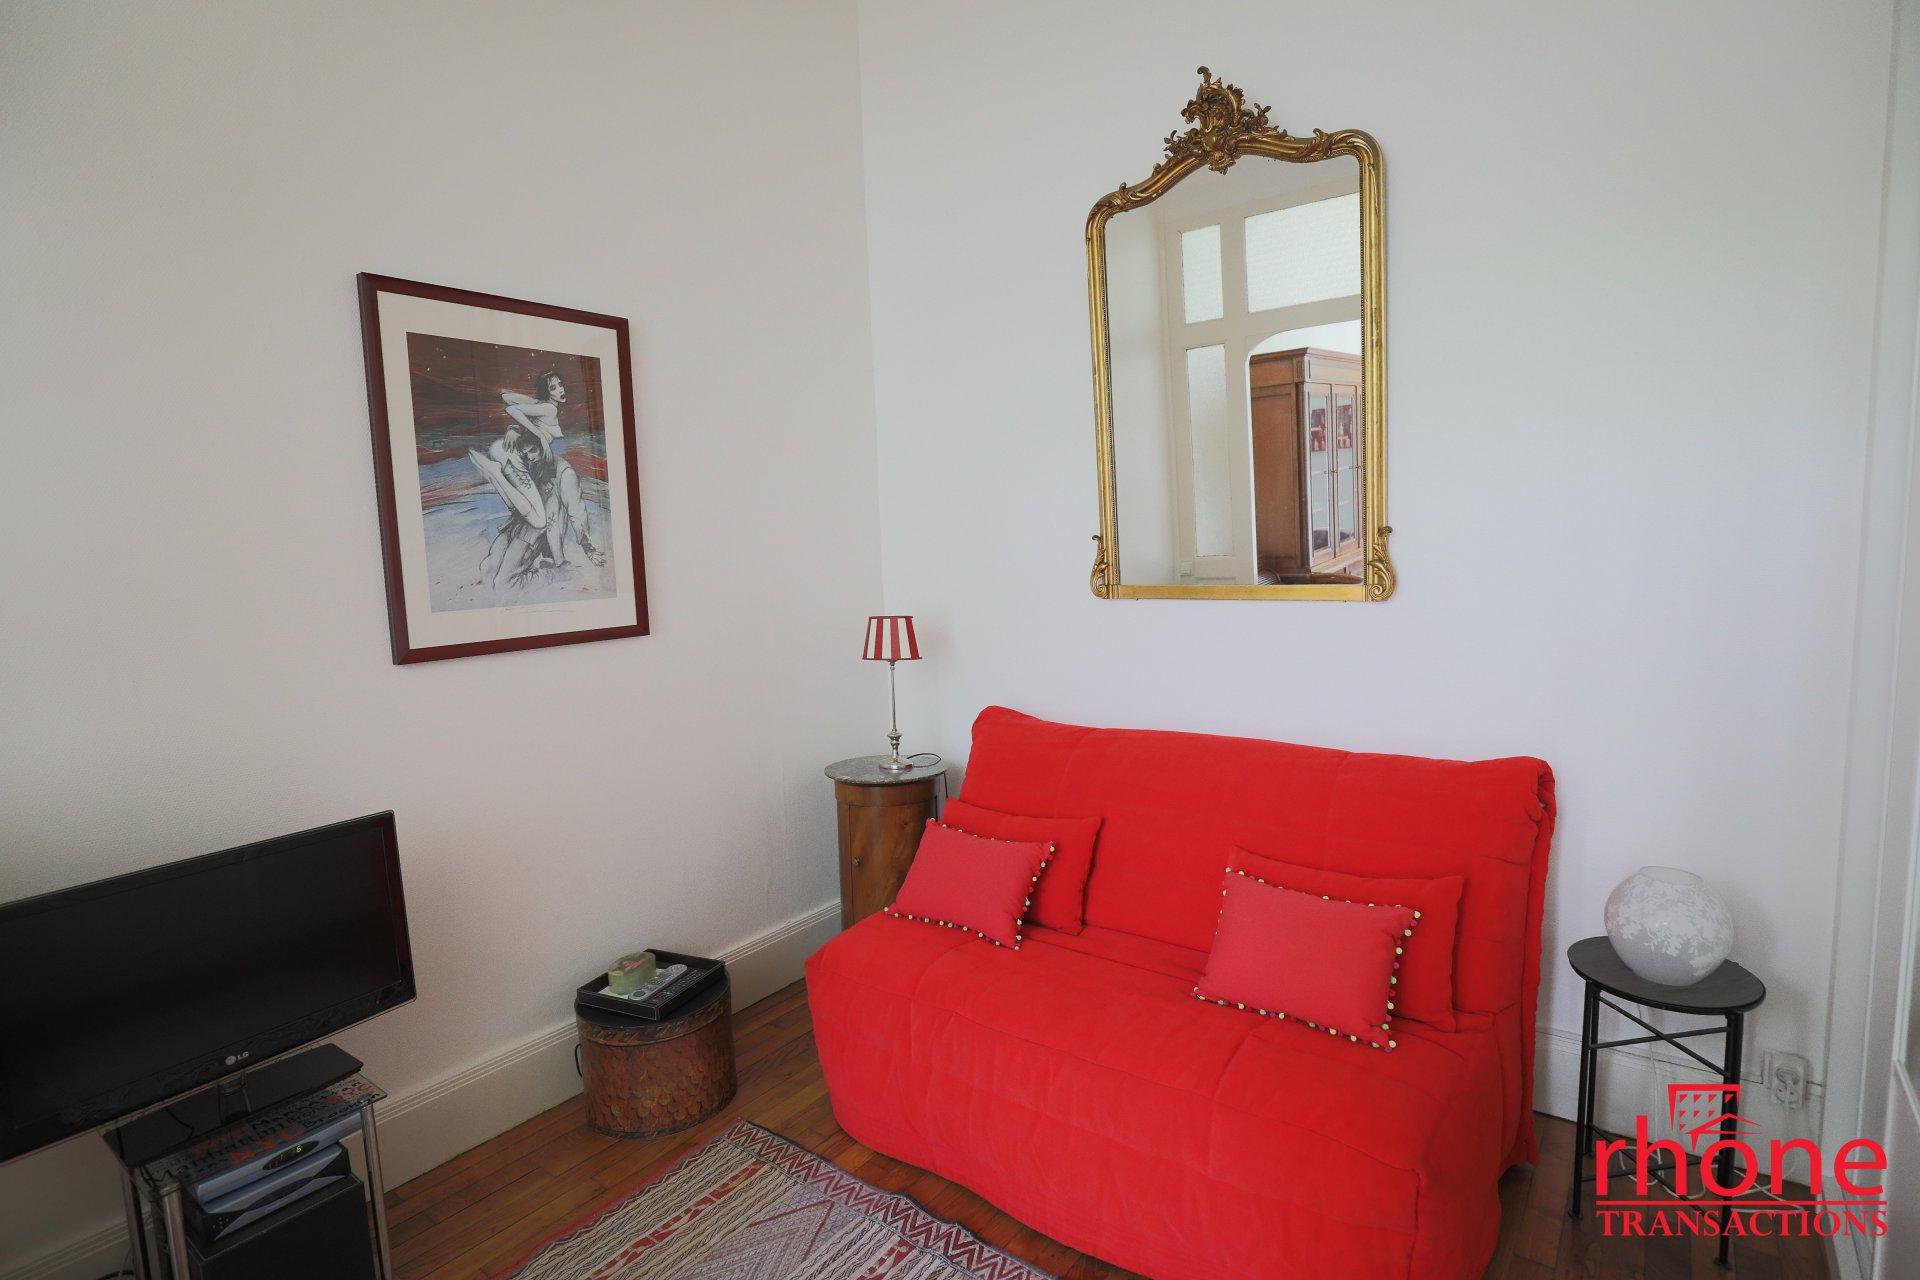 Vente Appartement - Lyon 4ème Croix-Rousse